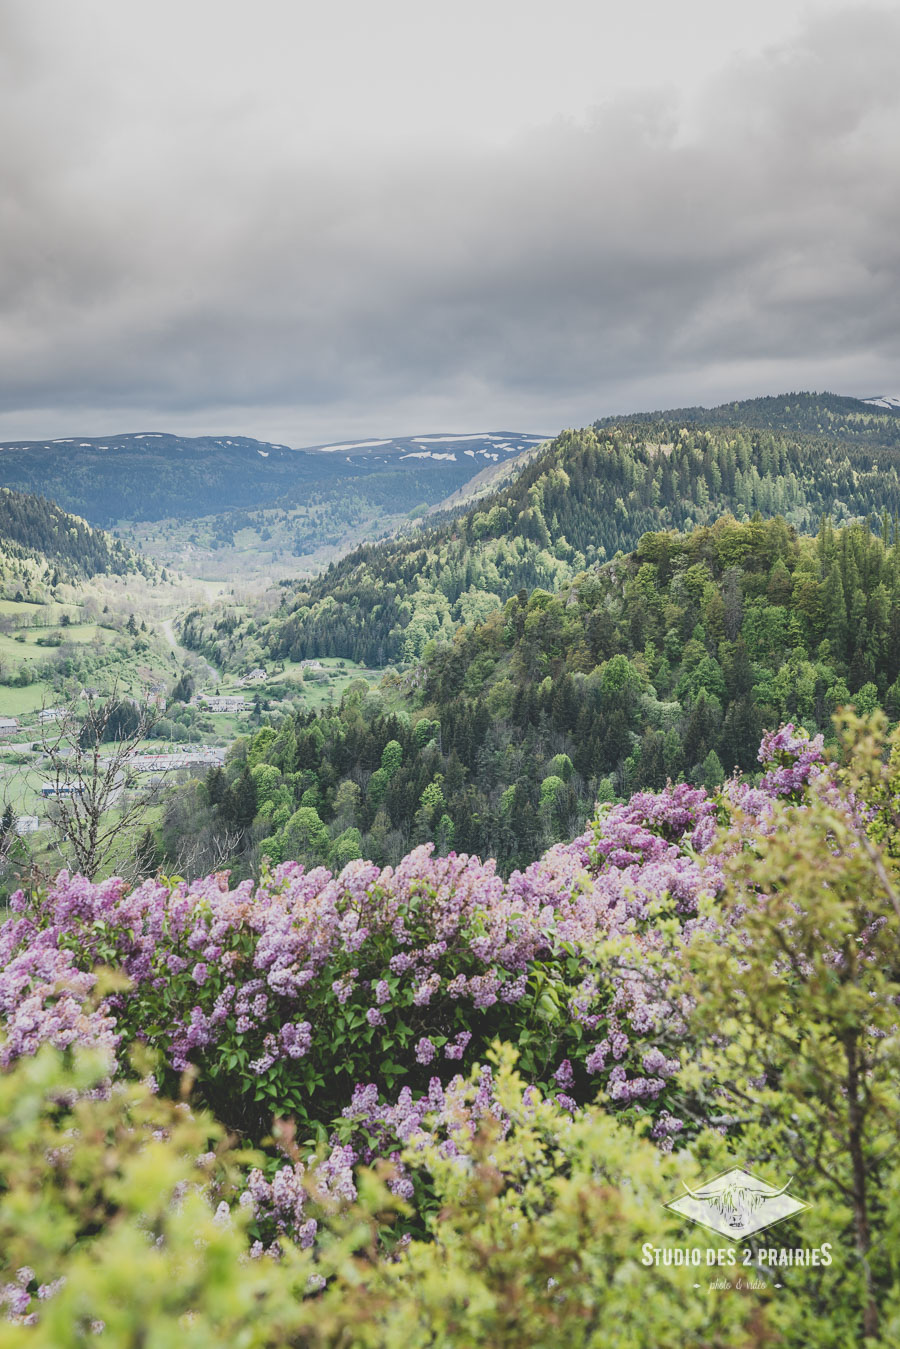 Murat - photographe professionnelle territoire - Auvergne Rhone Alpes